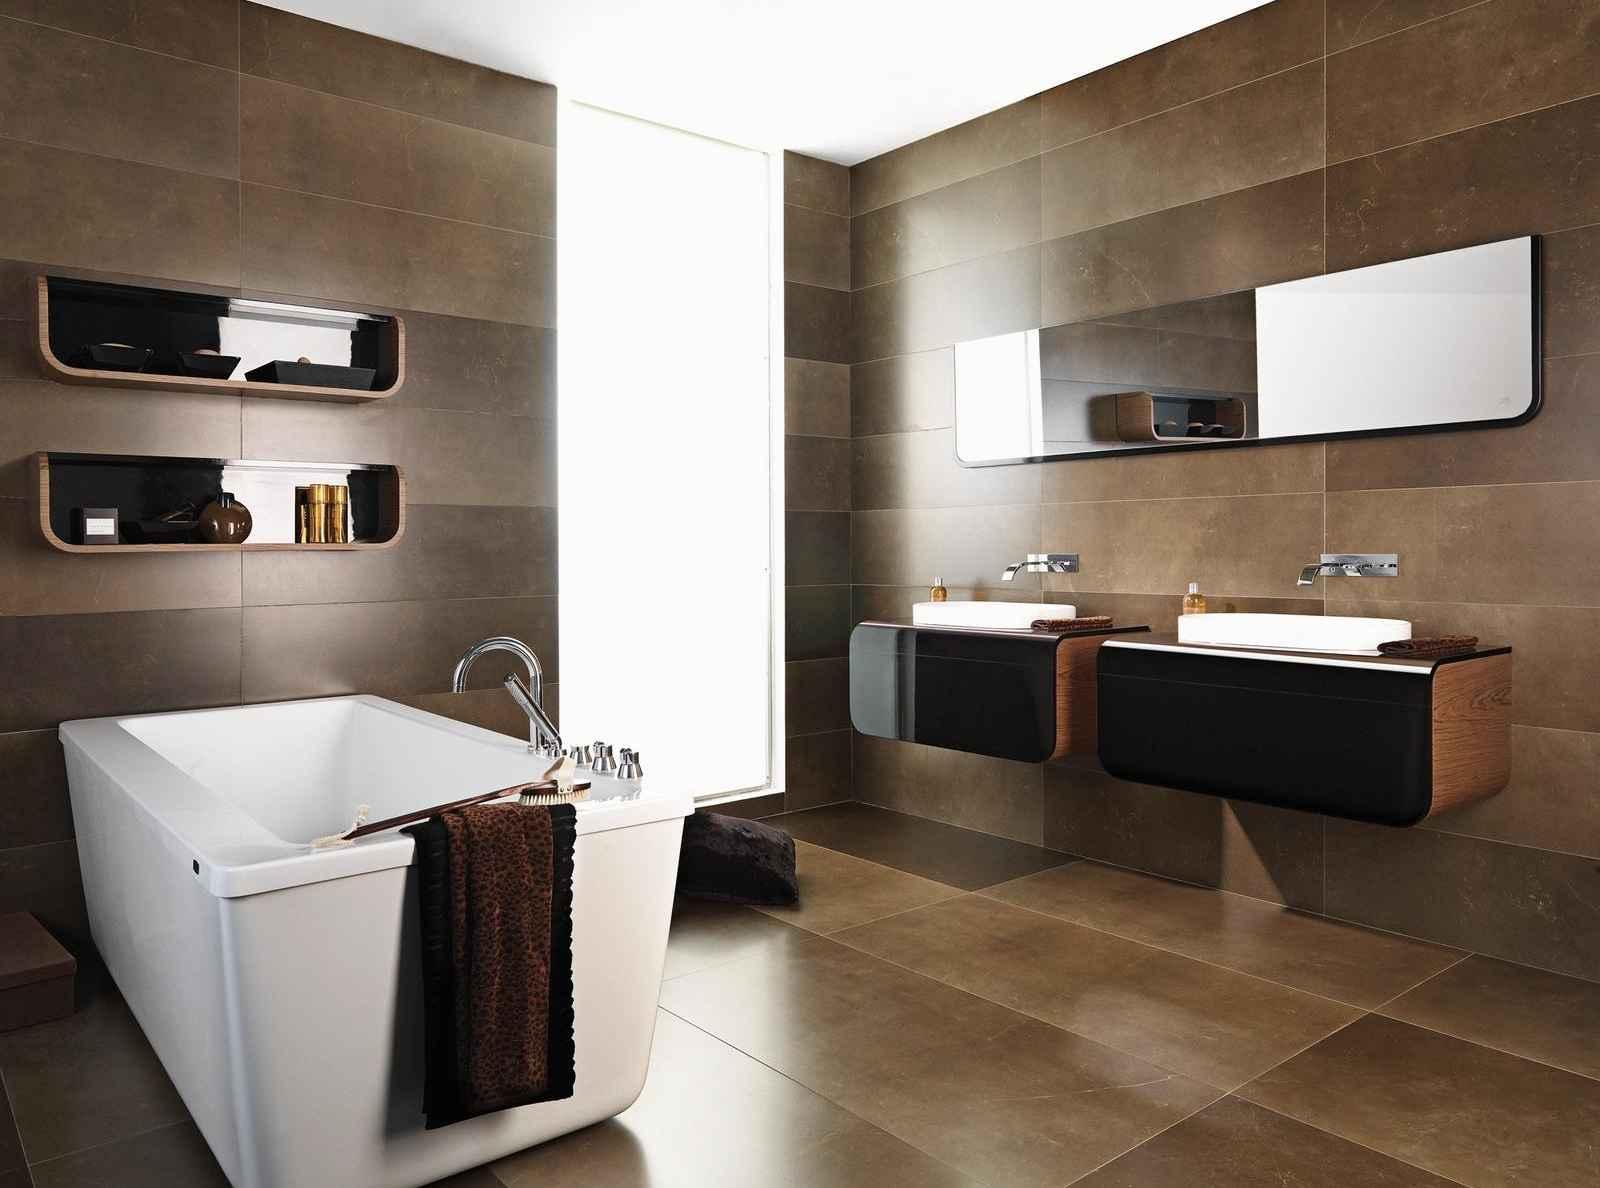 bagno-moderno-10-cose-da-fare-per-arredarlo-al-meglio-9